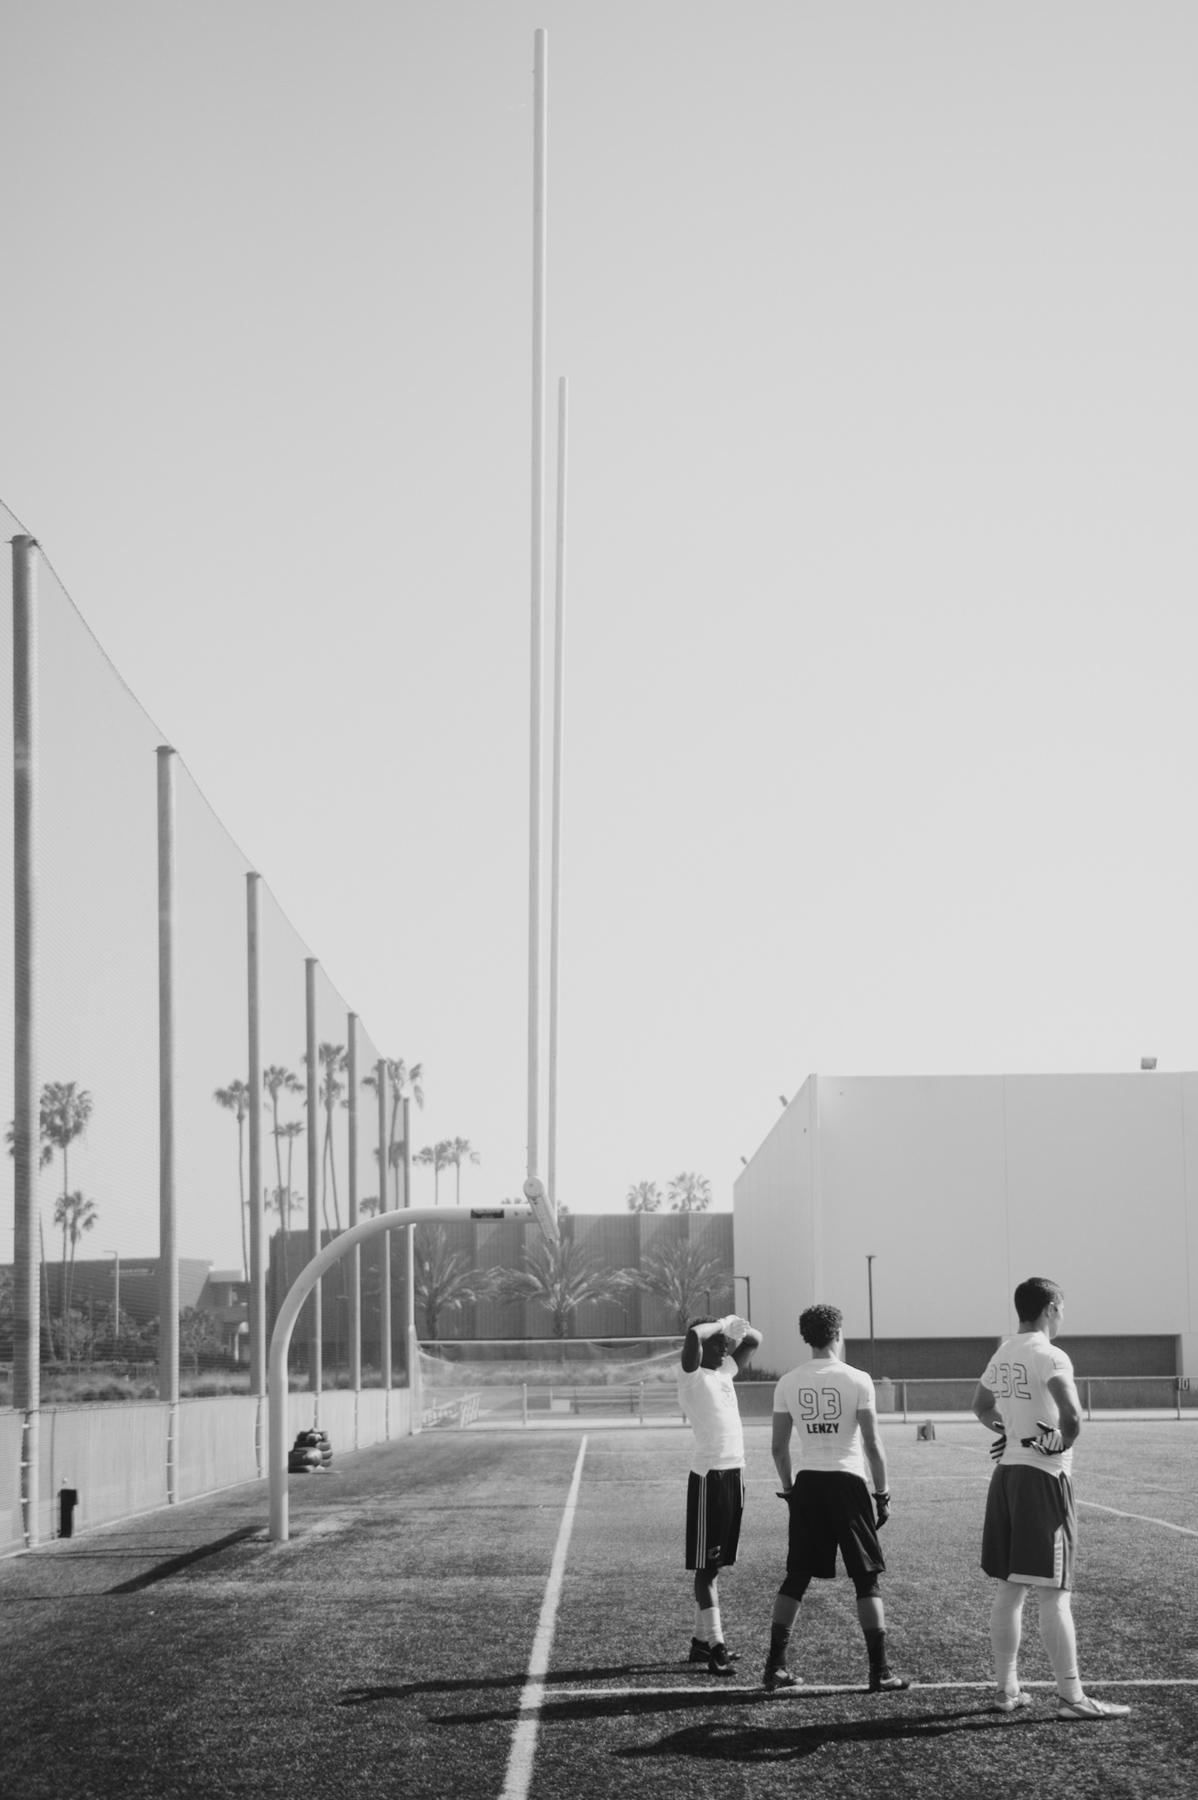 jrfoley-nikefootball-8.jpg